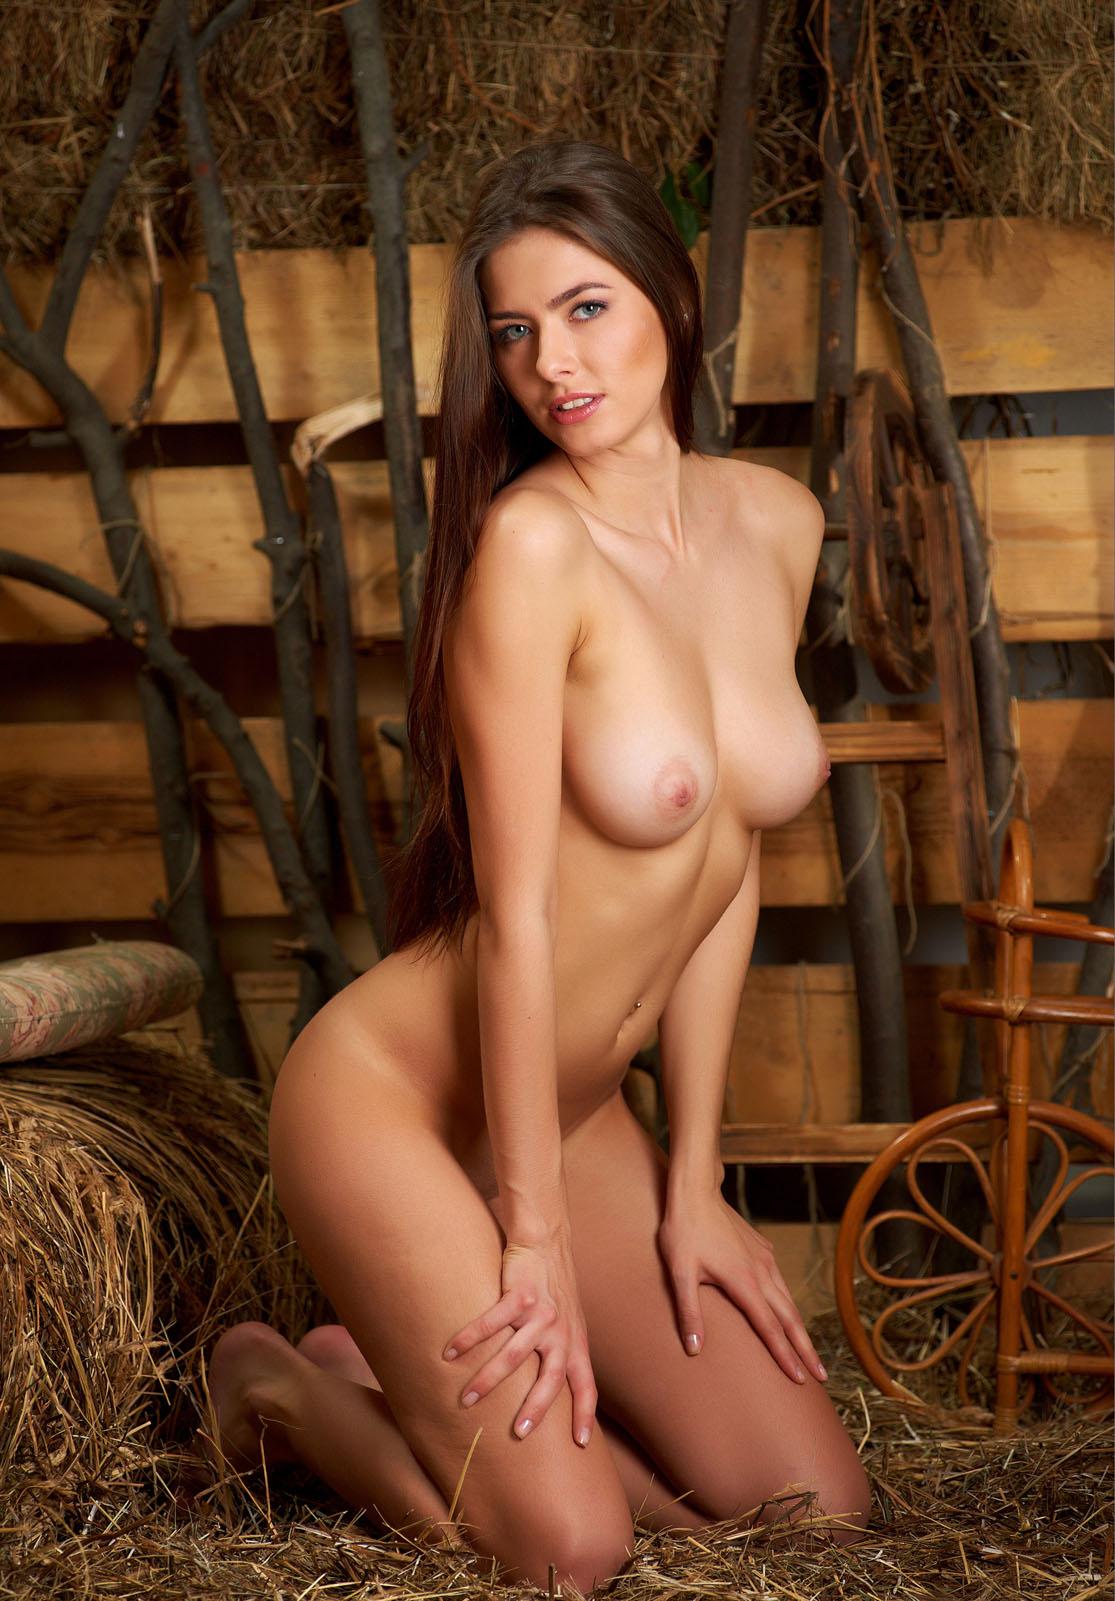 голую девушка россия